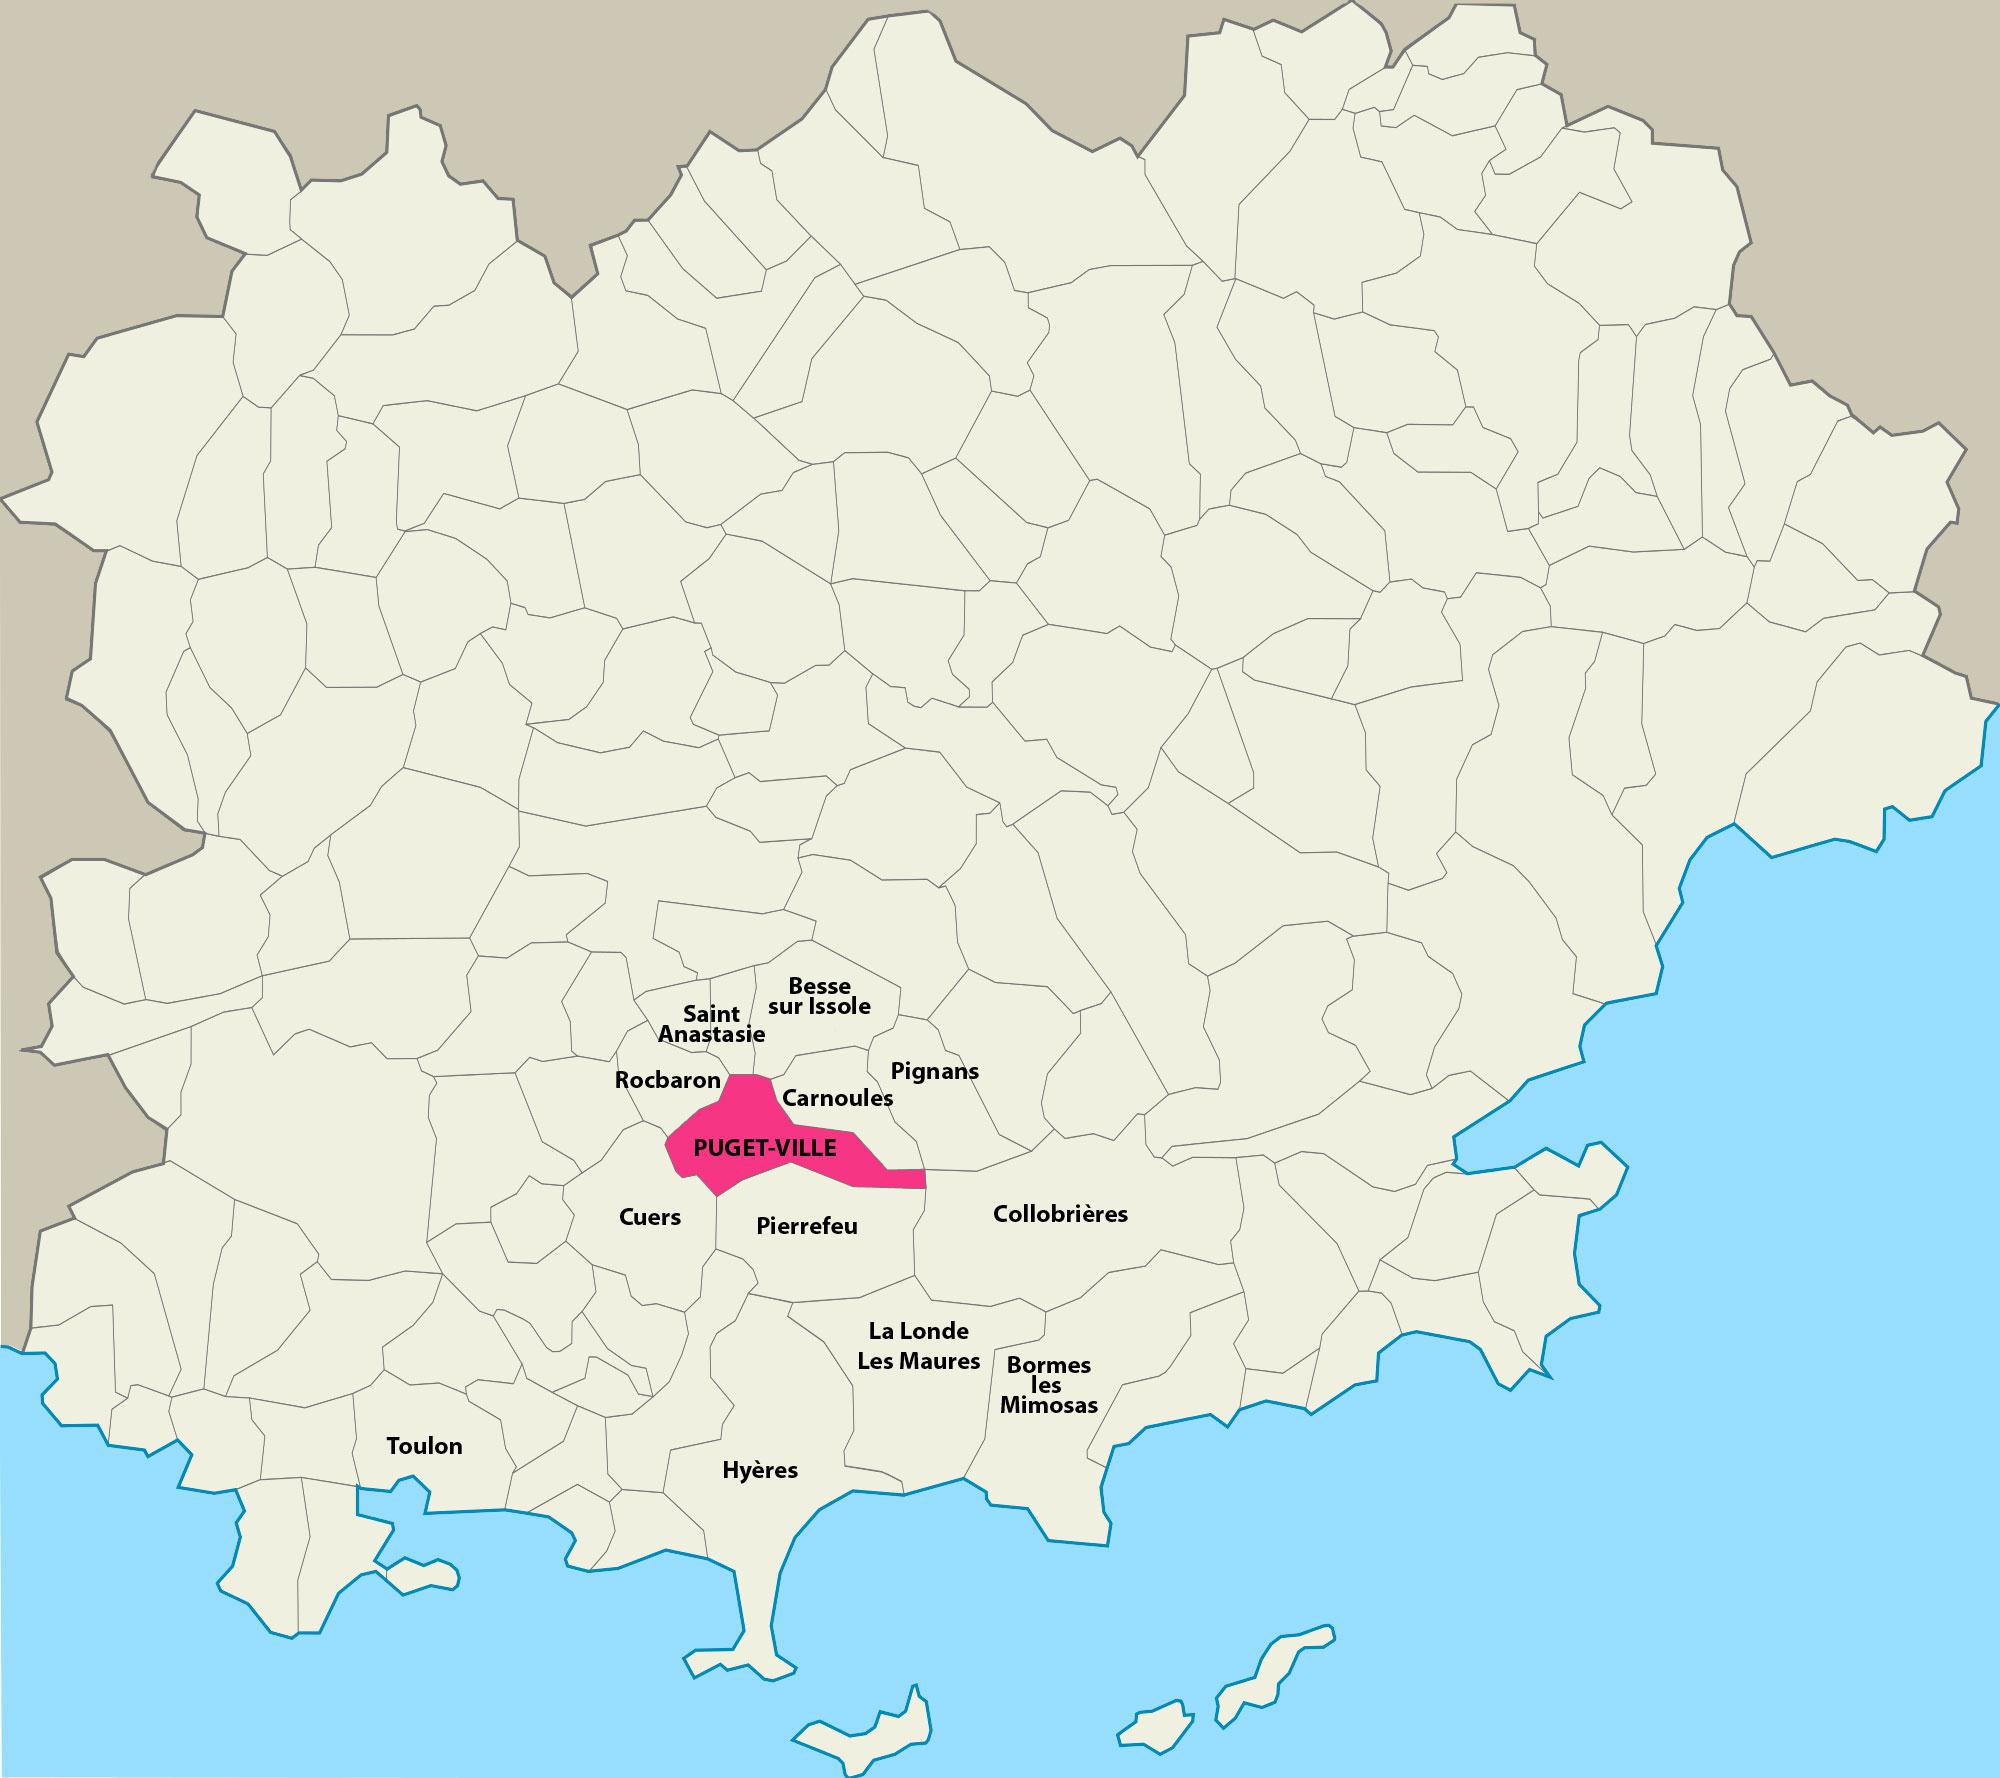 File:CARTE DU VAR   PUGET VILLE.   Wikimedia Commons